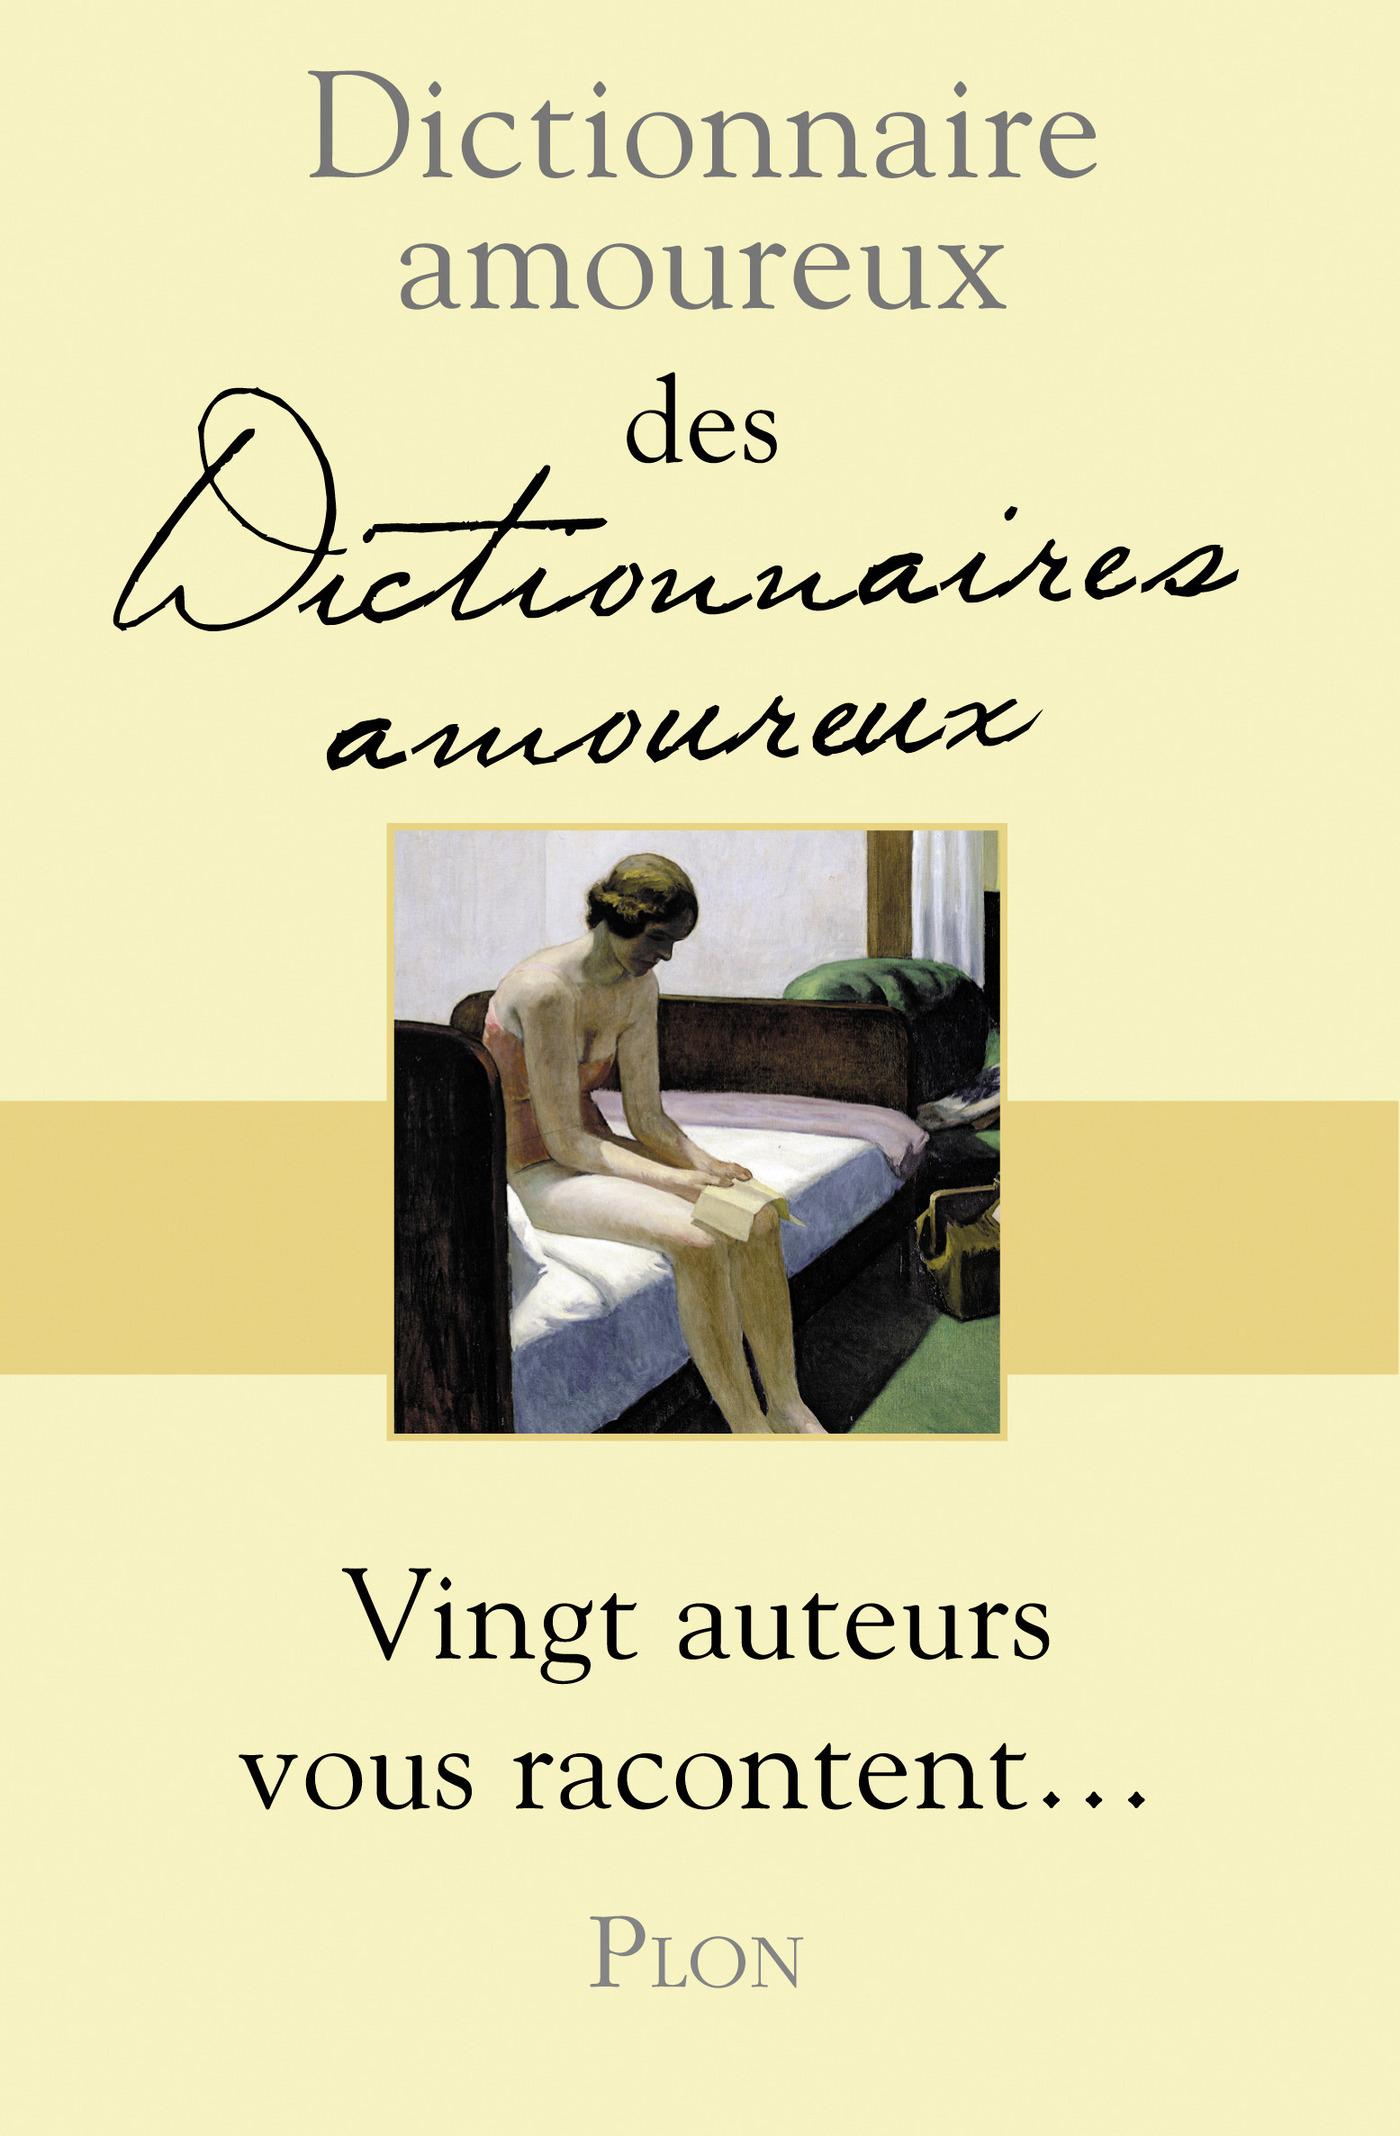 Dictionnaire amoureux des dictionnaires amoureux